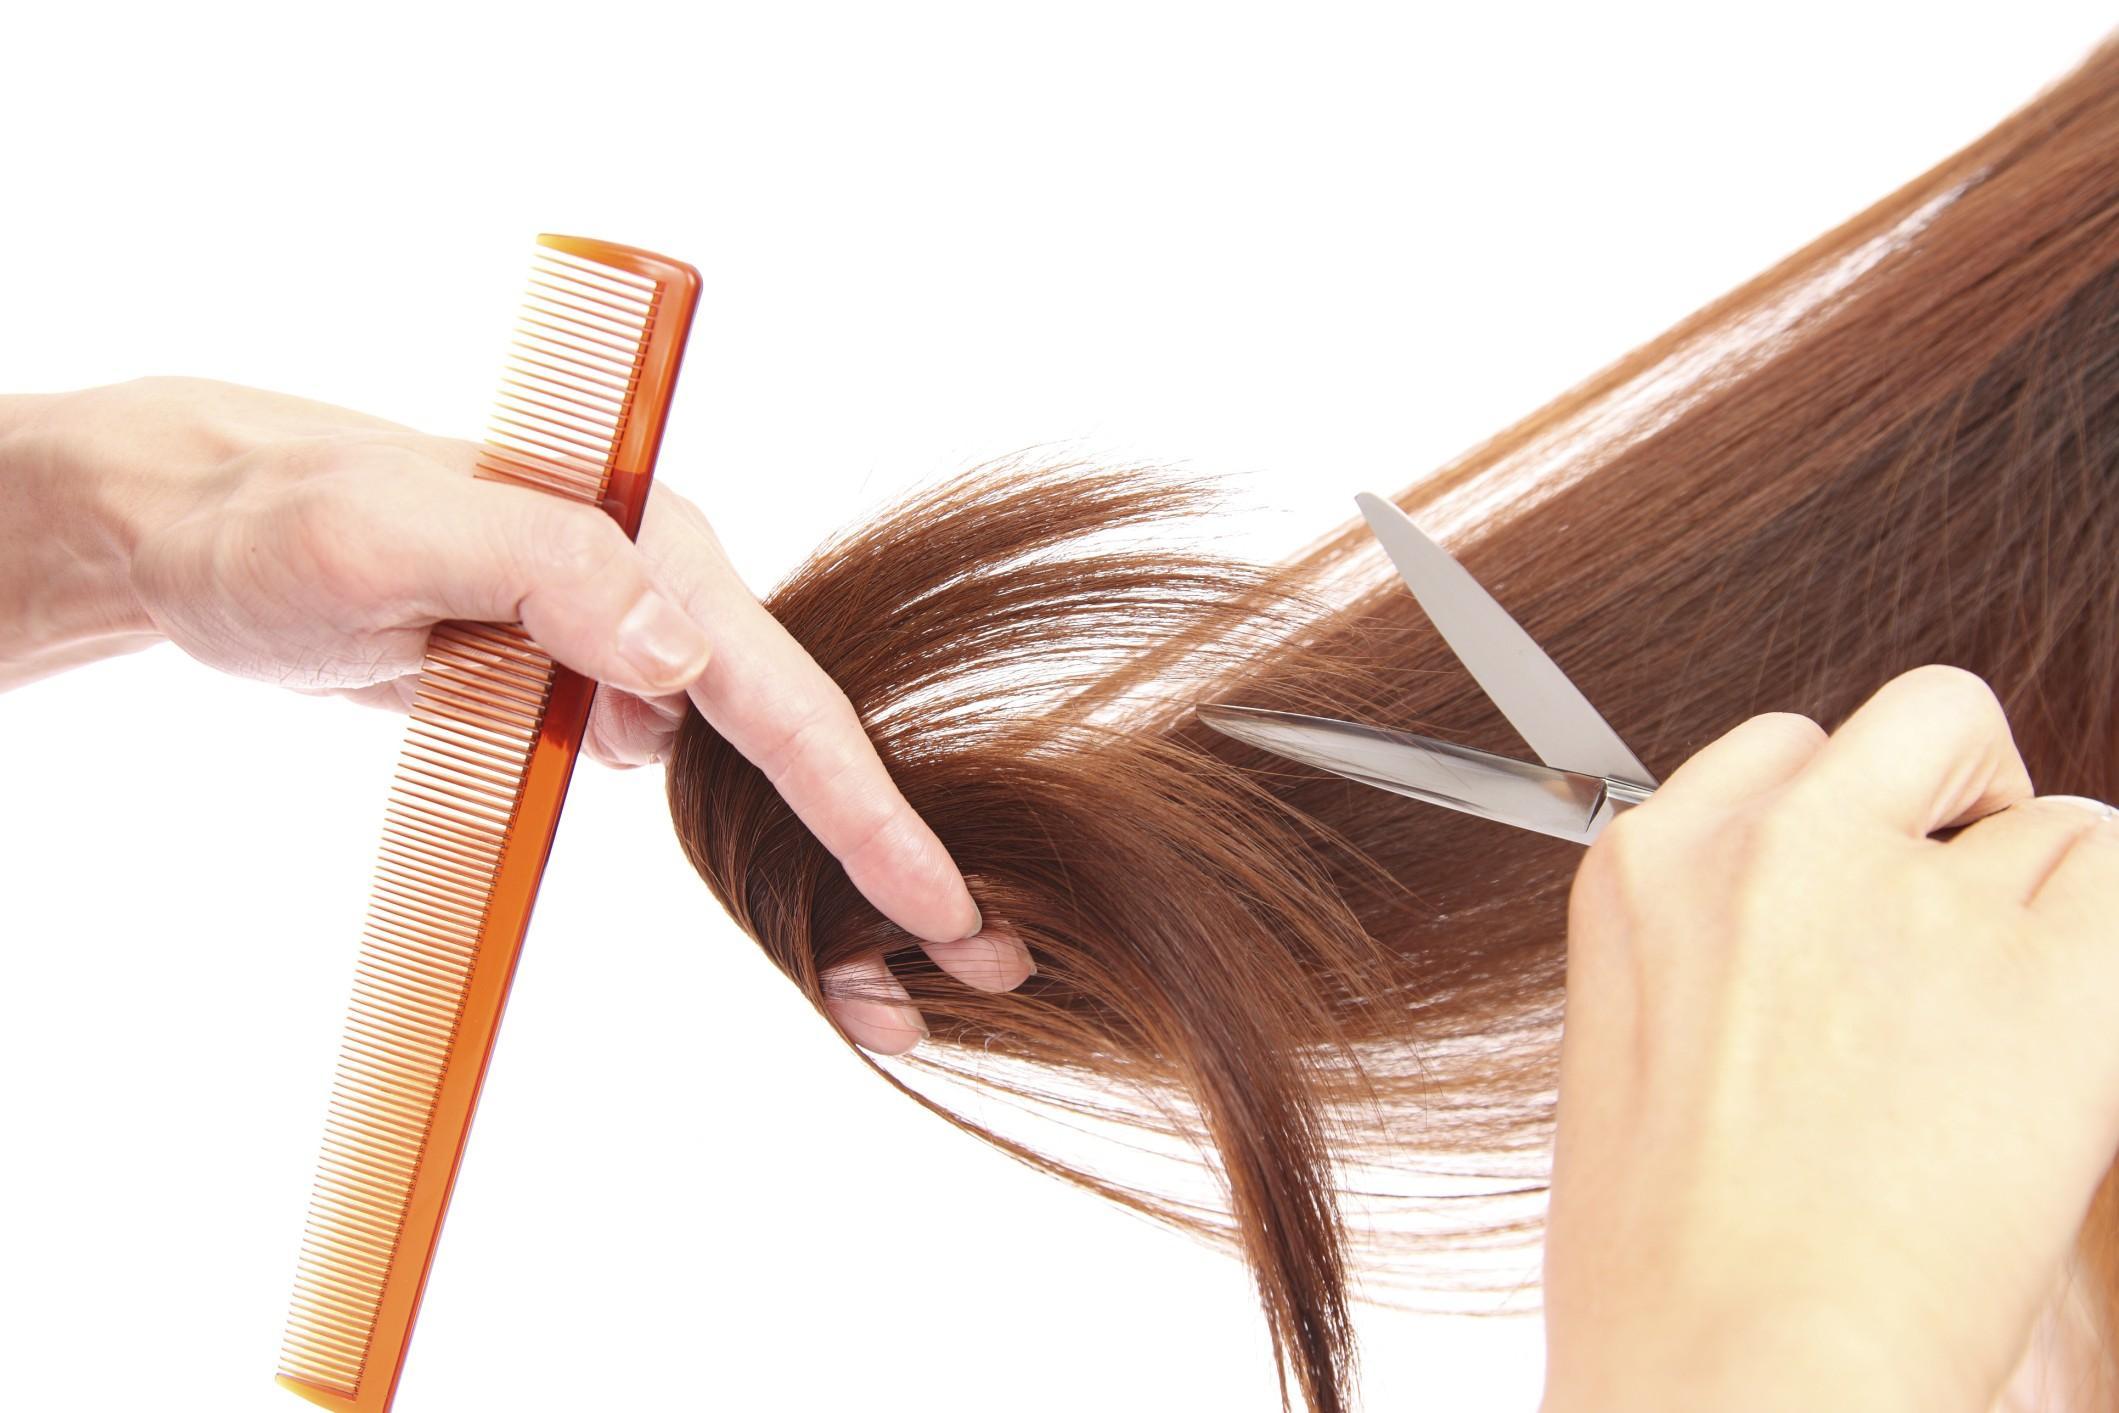 Когда лучше стричь волосы по лунному календарю? Лунный календарь для красоты волос